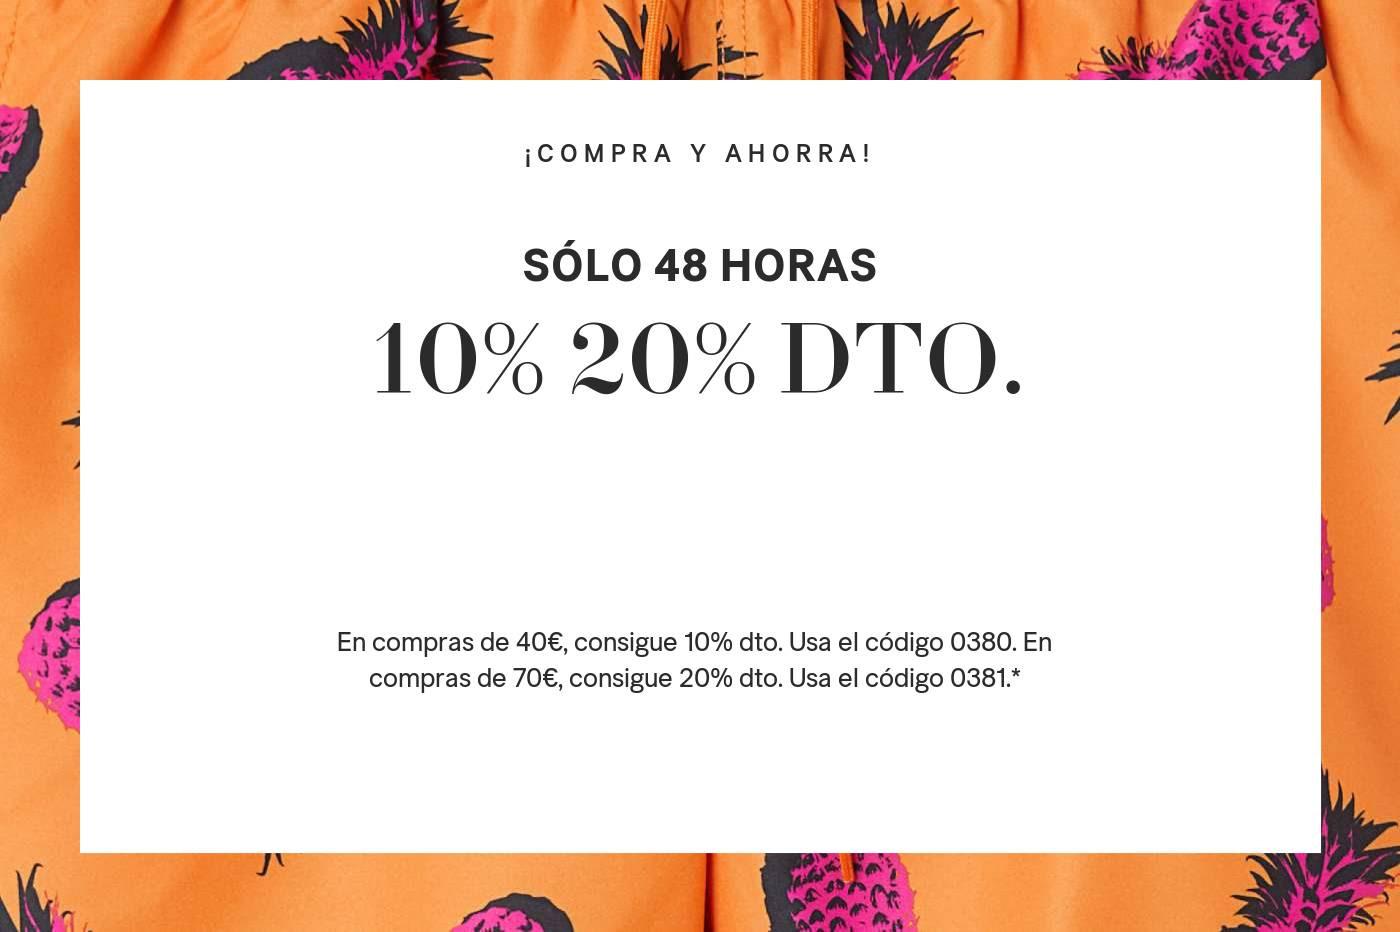 H&M 10% de descuento en compras de 40€, 20% en compras de 70€